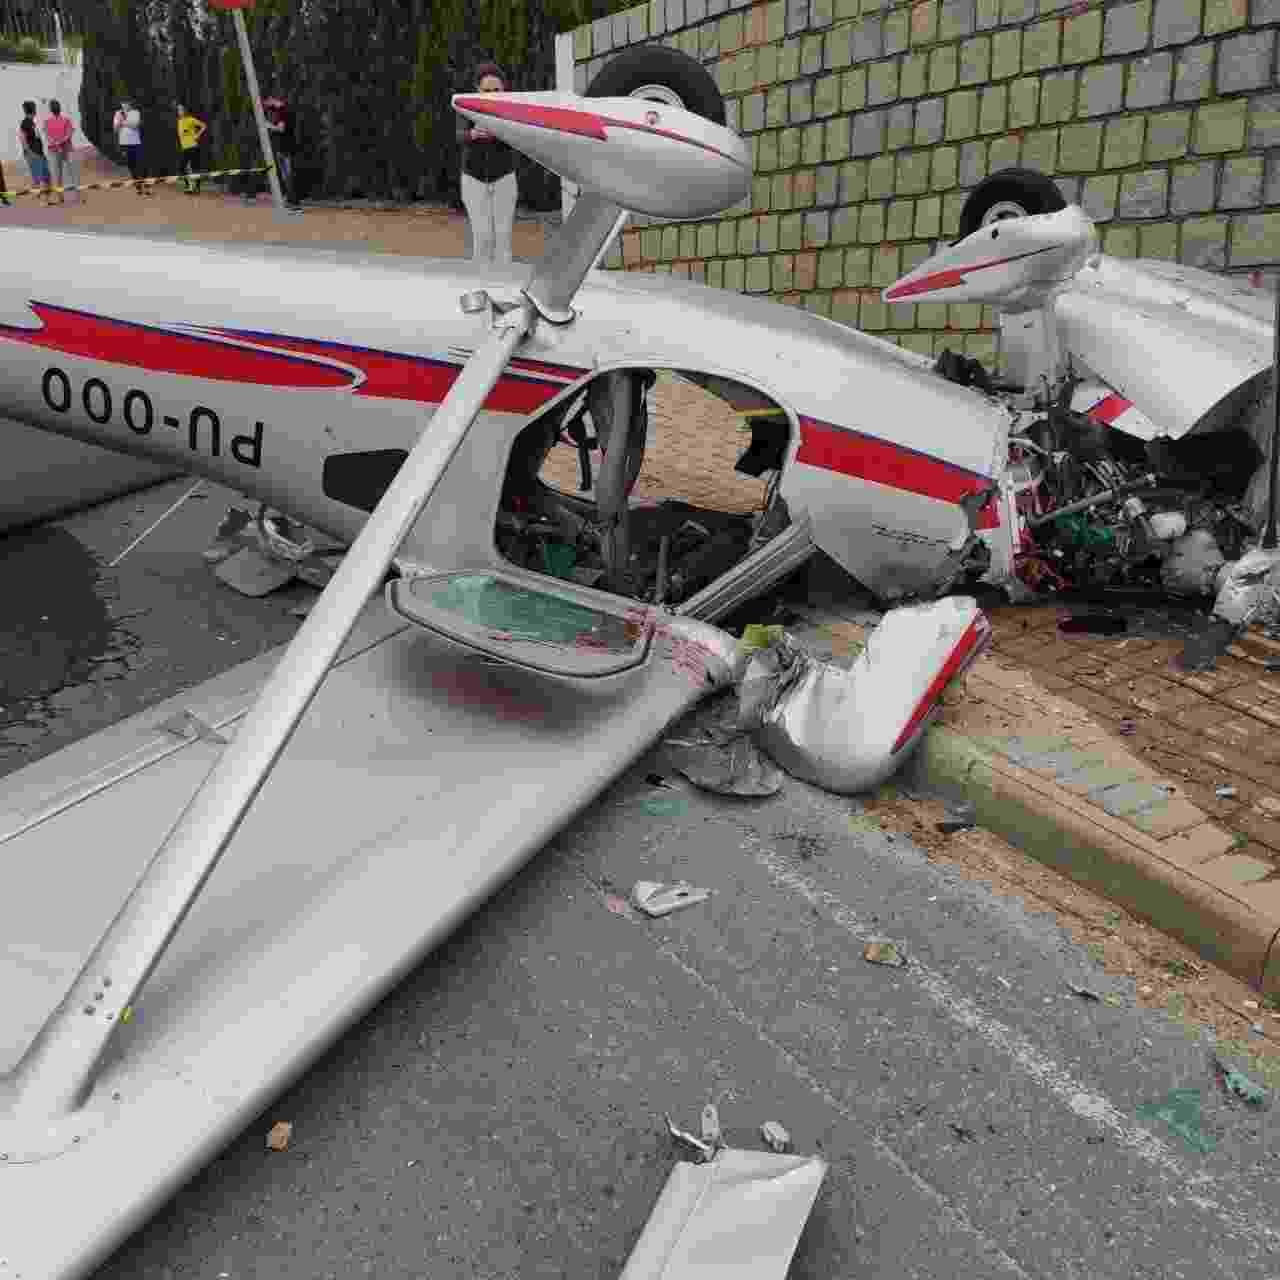 Avião monomotor caiu na cidade de Guabiruba, em Santa Catarina - Corpo de Bombeiros Militar de Santa Catarina